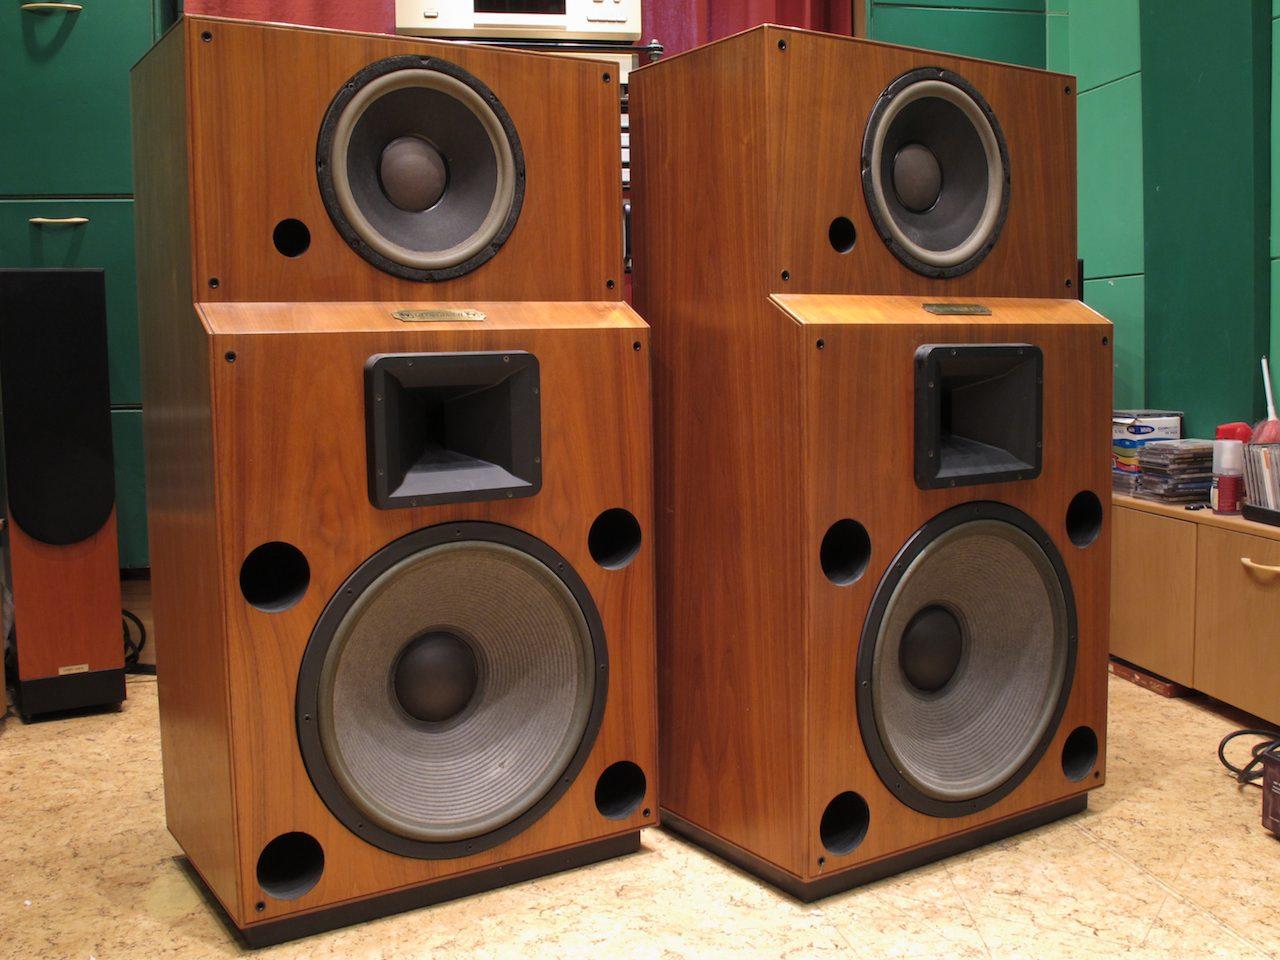 http://audiophilereview.com/images/ssbass142a.jpg